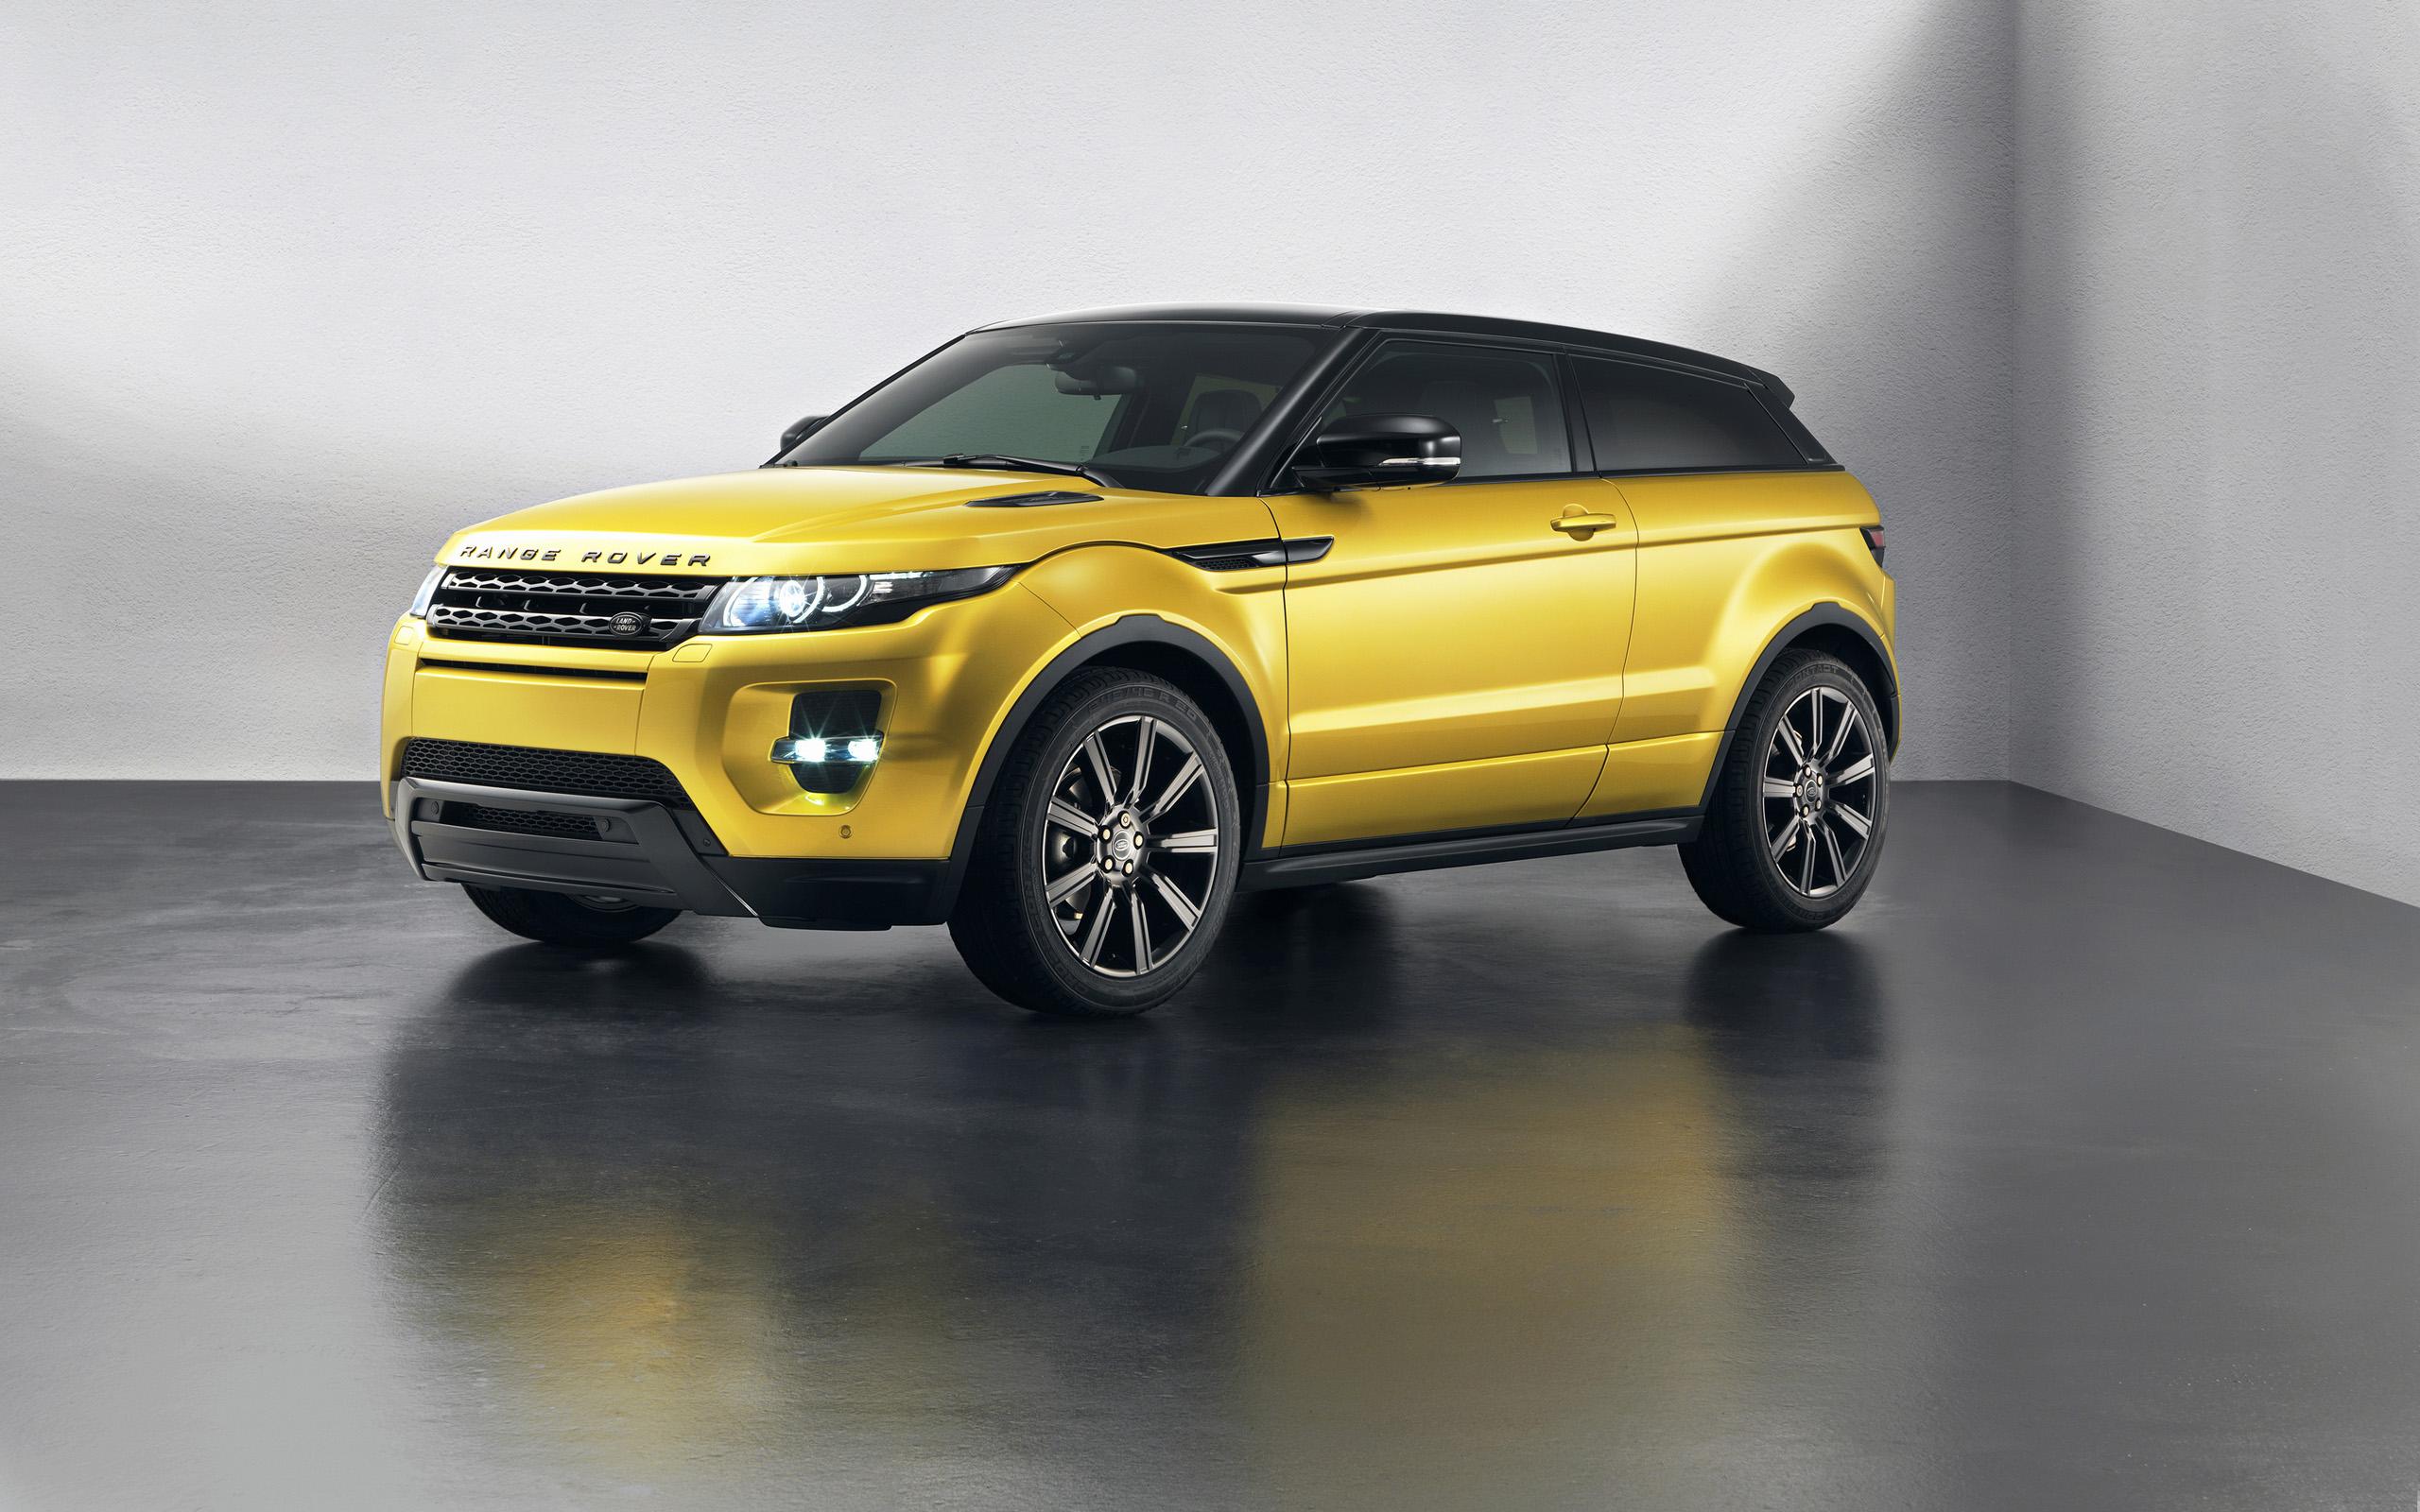 2013 Land Rover Range Rover Evoque Special Edition Wallpaper | HD Car ...